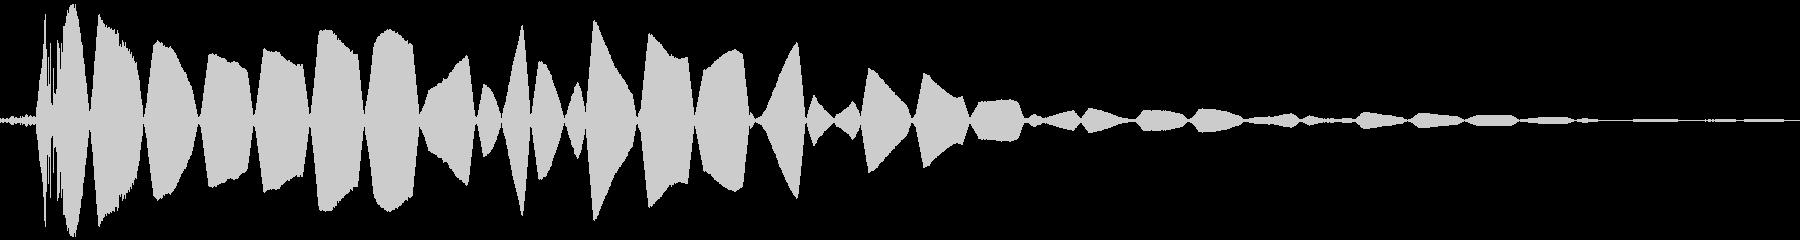 ヒットヒットインパクトの未再生の波形